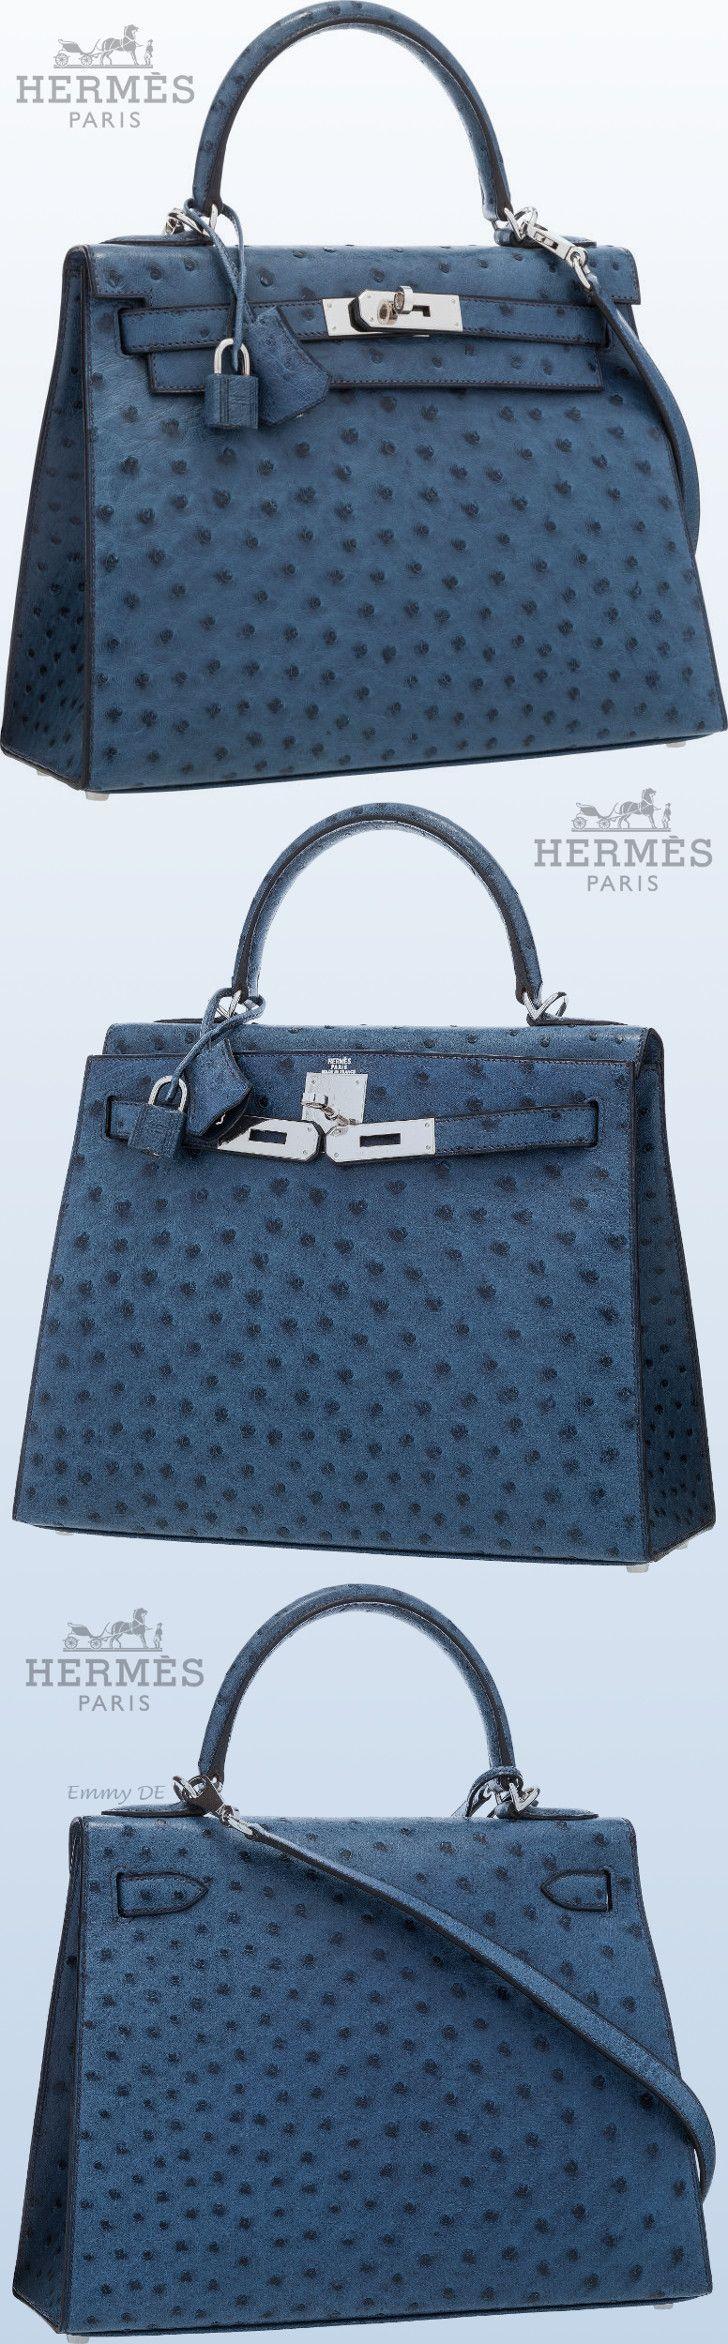 Hermes Bag Prices   Bragmybag